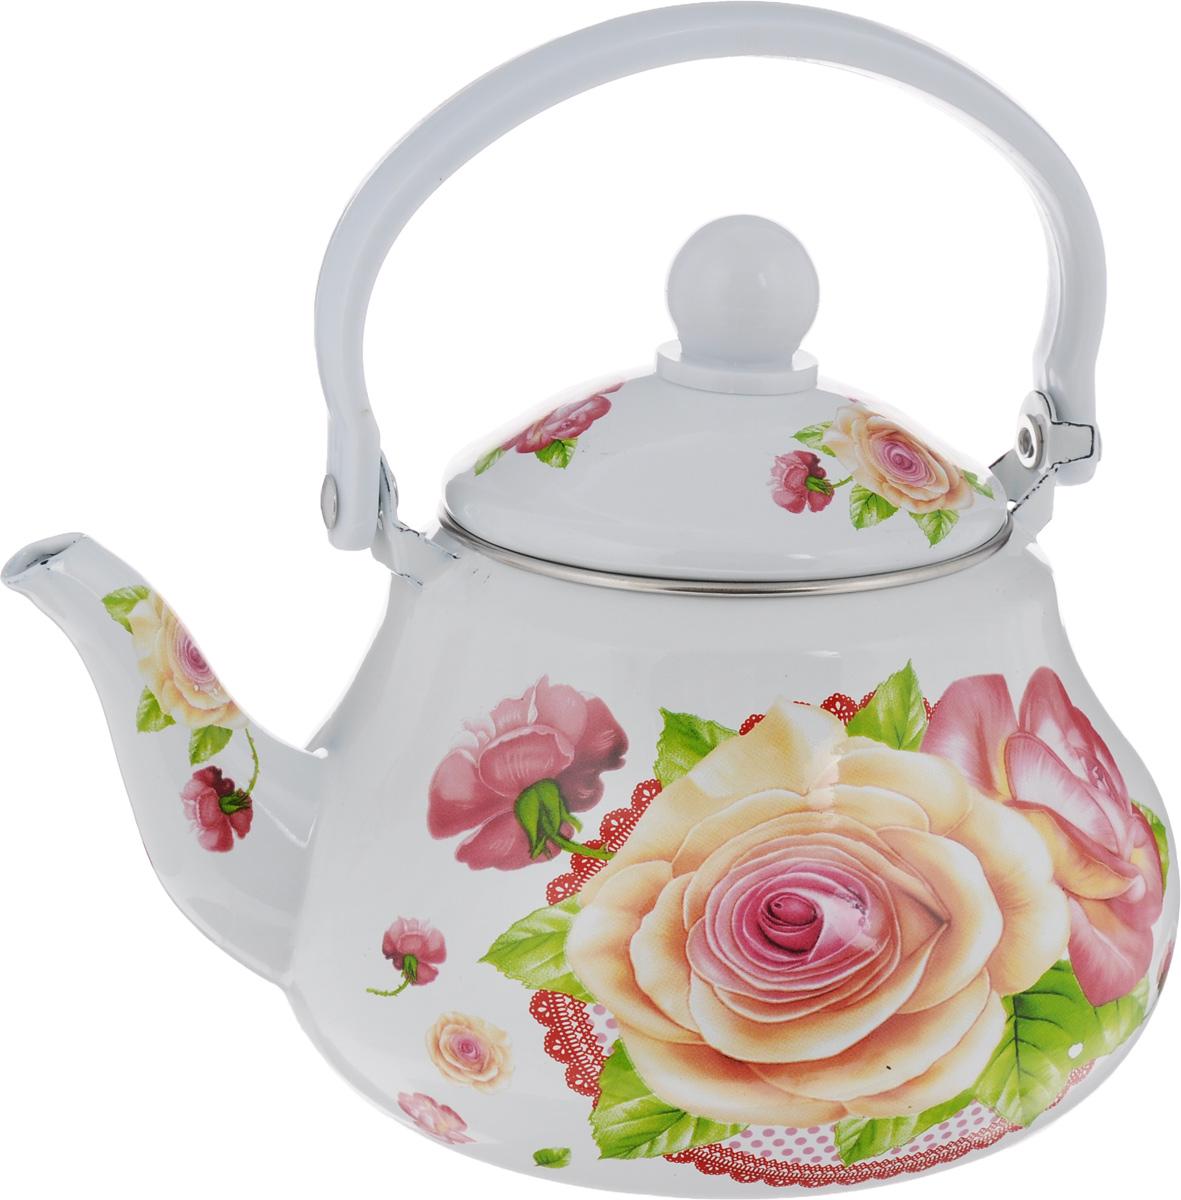 Чайник заварочный Mayer & Boch изготовлен из высококачественной углеродистой стали с эмалированным покрытием. Такой чайник гигиеничен и устойчив к износу при длительном использовании. Корпус чайника оформлен ярким цветочным рисунком. Чайник оснащен металлическим ситечком, который не позволит чаинкам попасть в чашку, при этом сохранит букет и насыщенность чая. Изделие подходит для всех видов плит, включая индукционные. Можно мыть в посудомоечной машине. Высота чайника (без учета ручки и крышки): 11,5 см.Высота чайника (с учетом ручки и крышки): 21 см.Диаметр индукционного дна: 9 см. Диаметр (по верхнему краю): 10 см.